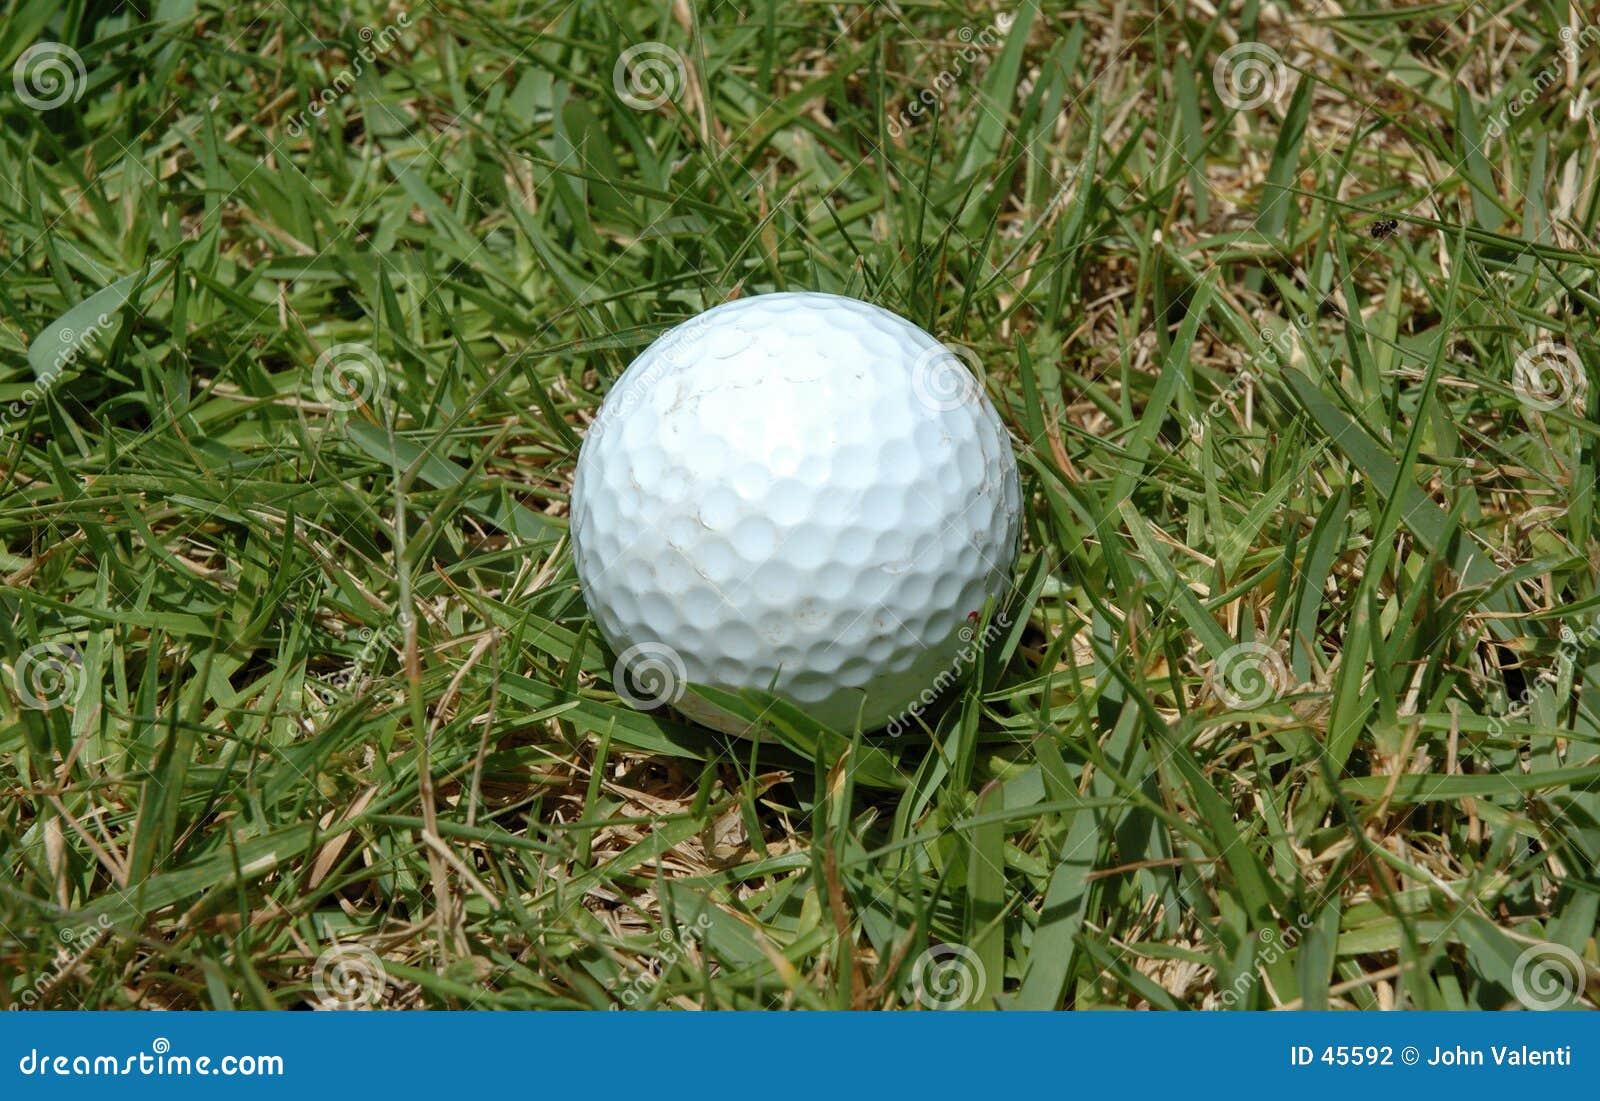 γκολφ 2 σφαιρών